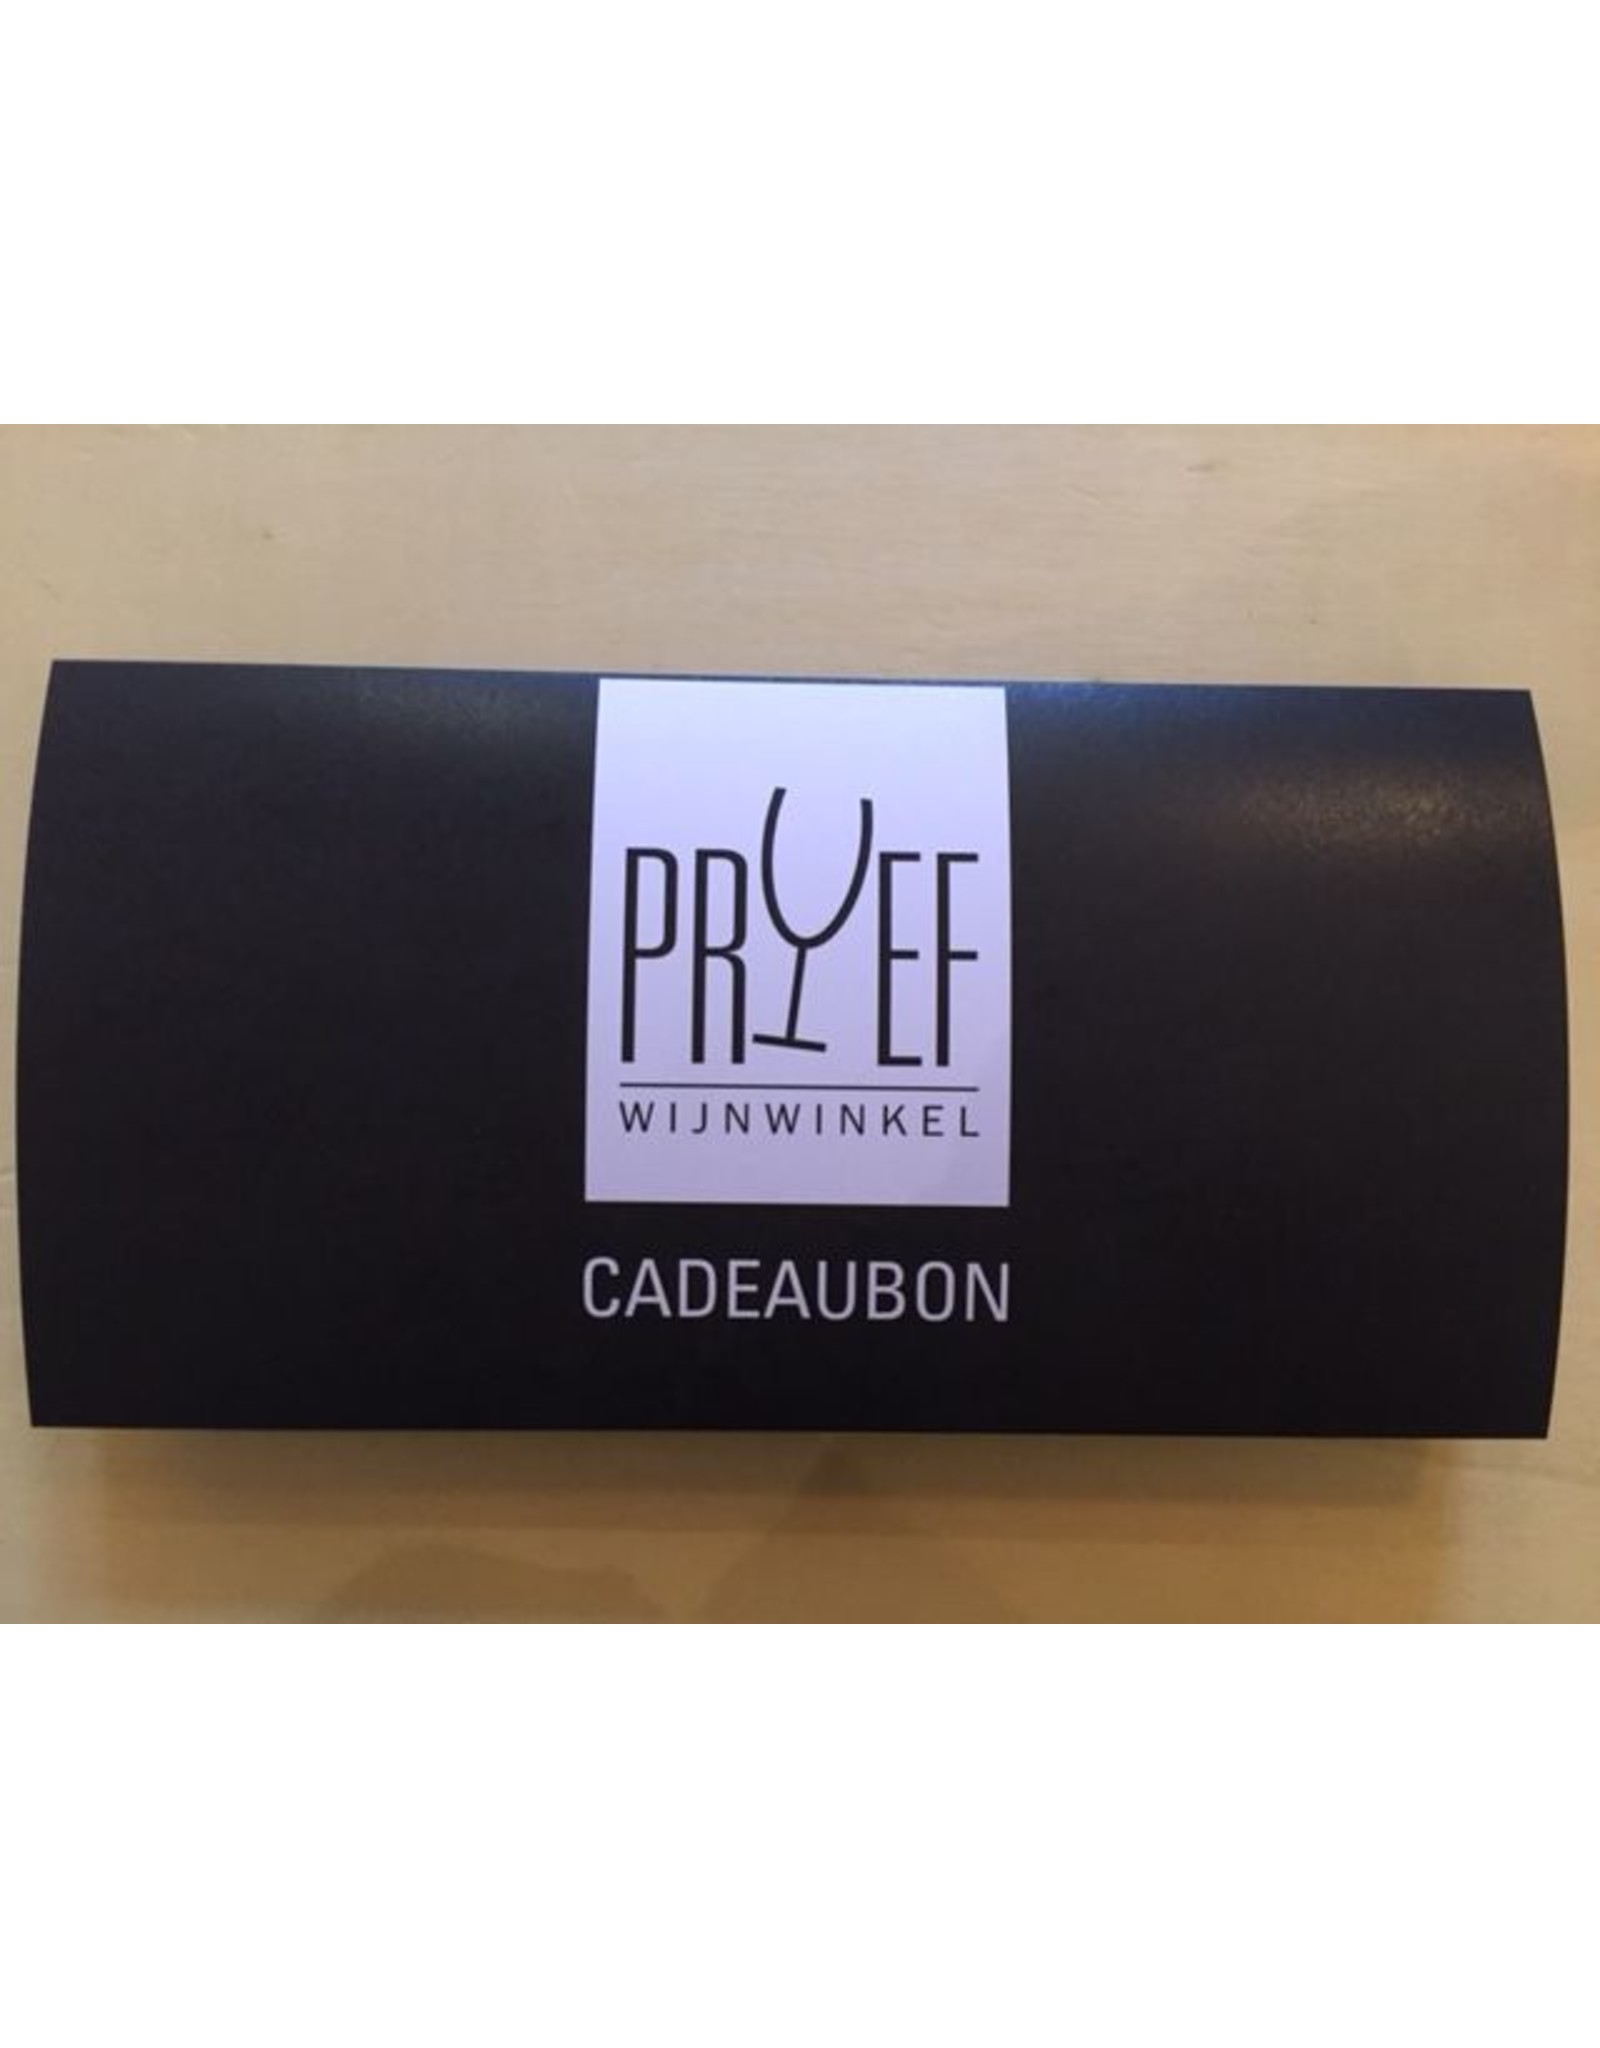 Cadeaubon Wijnwinkel Proef €50